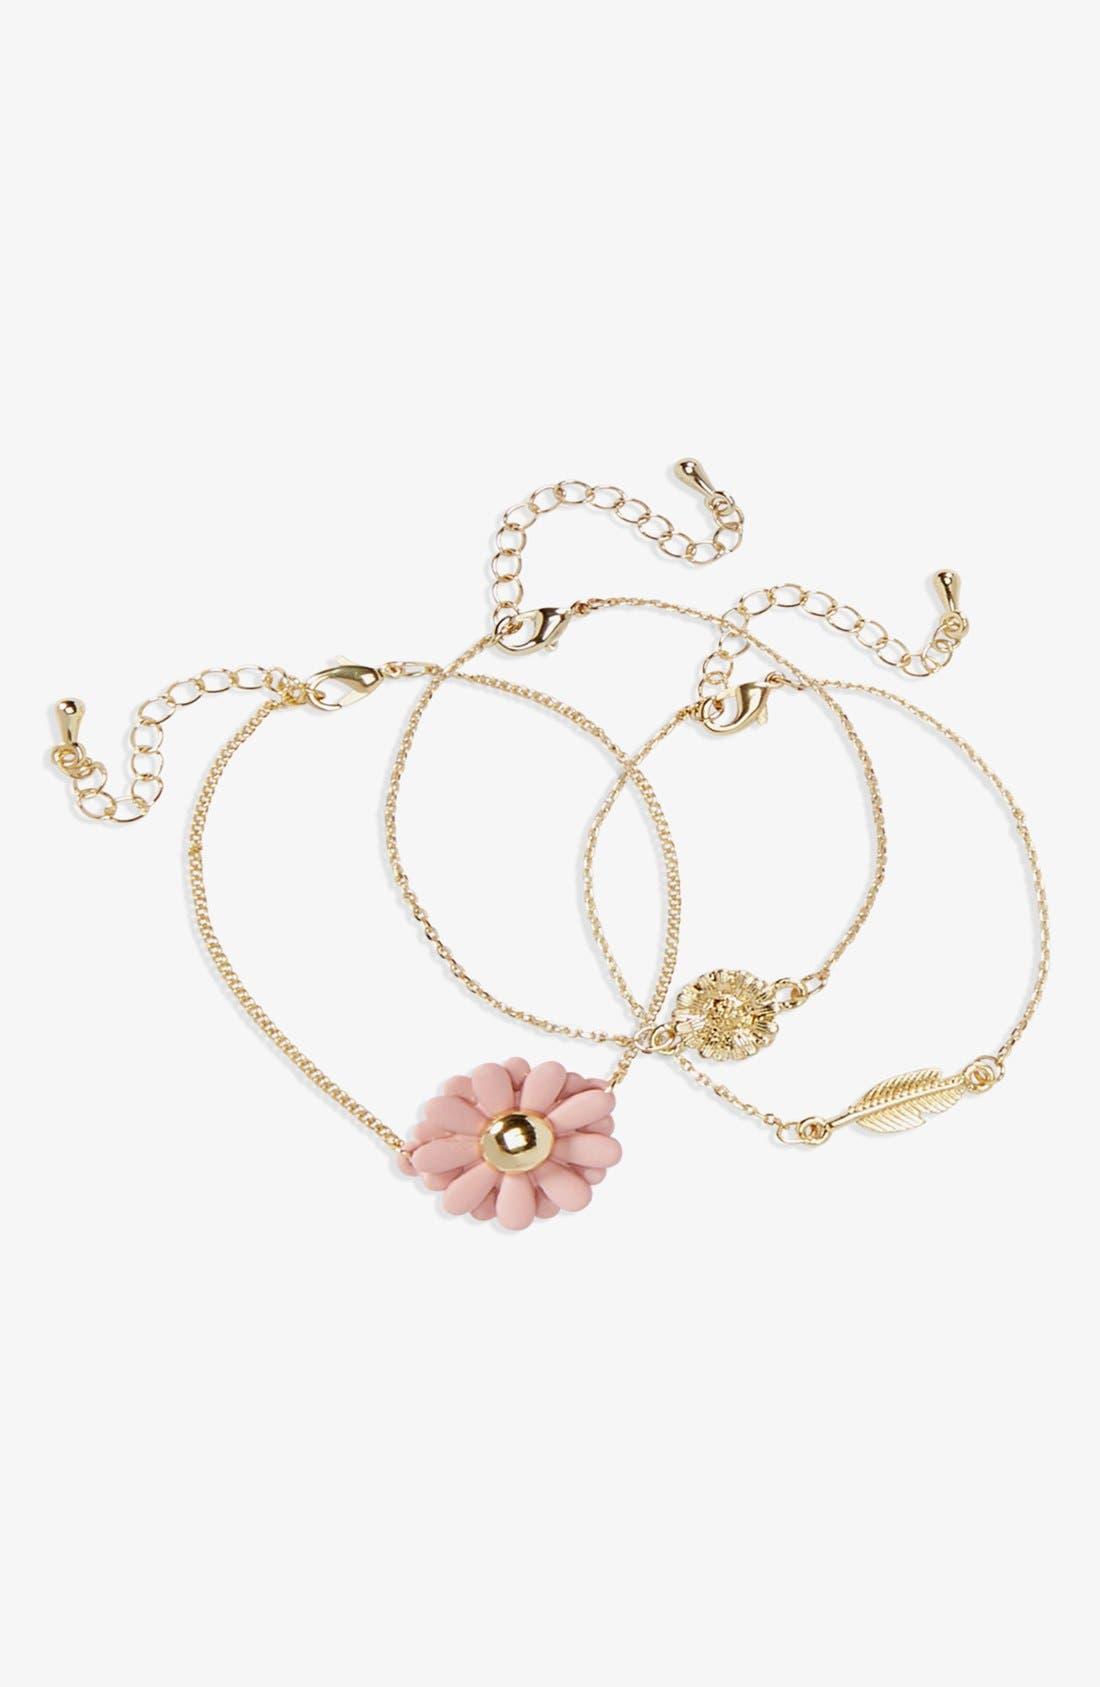 Alternate Image 1 Selected - Topshop Flower Bracelets (Set of 3)